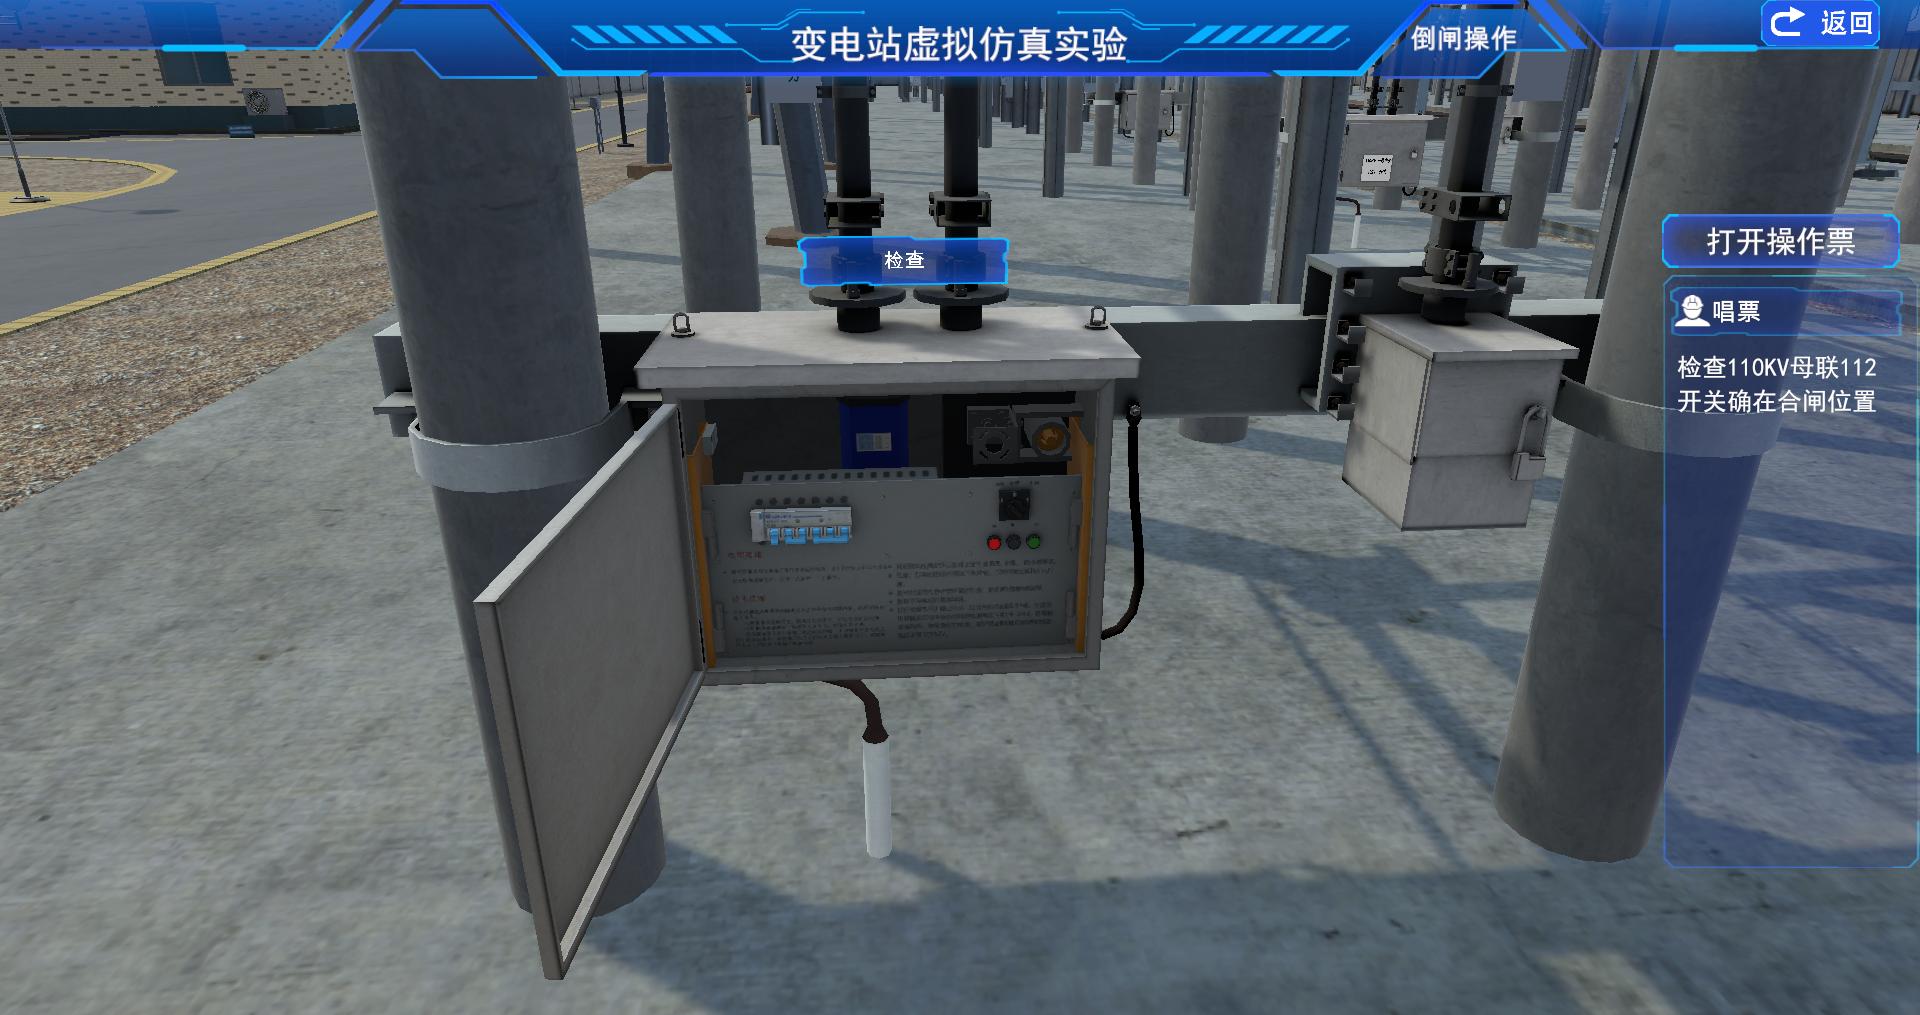 变电站虚拟仿真实训软件11.png